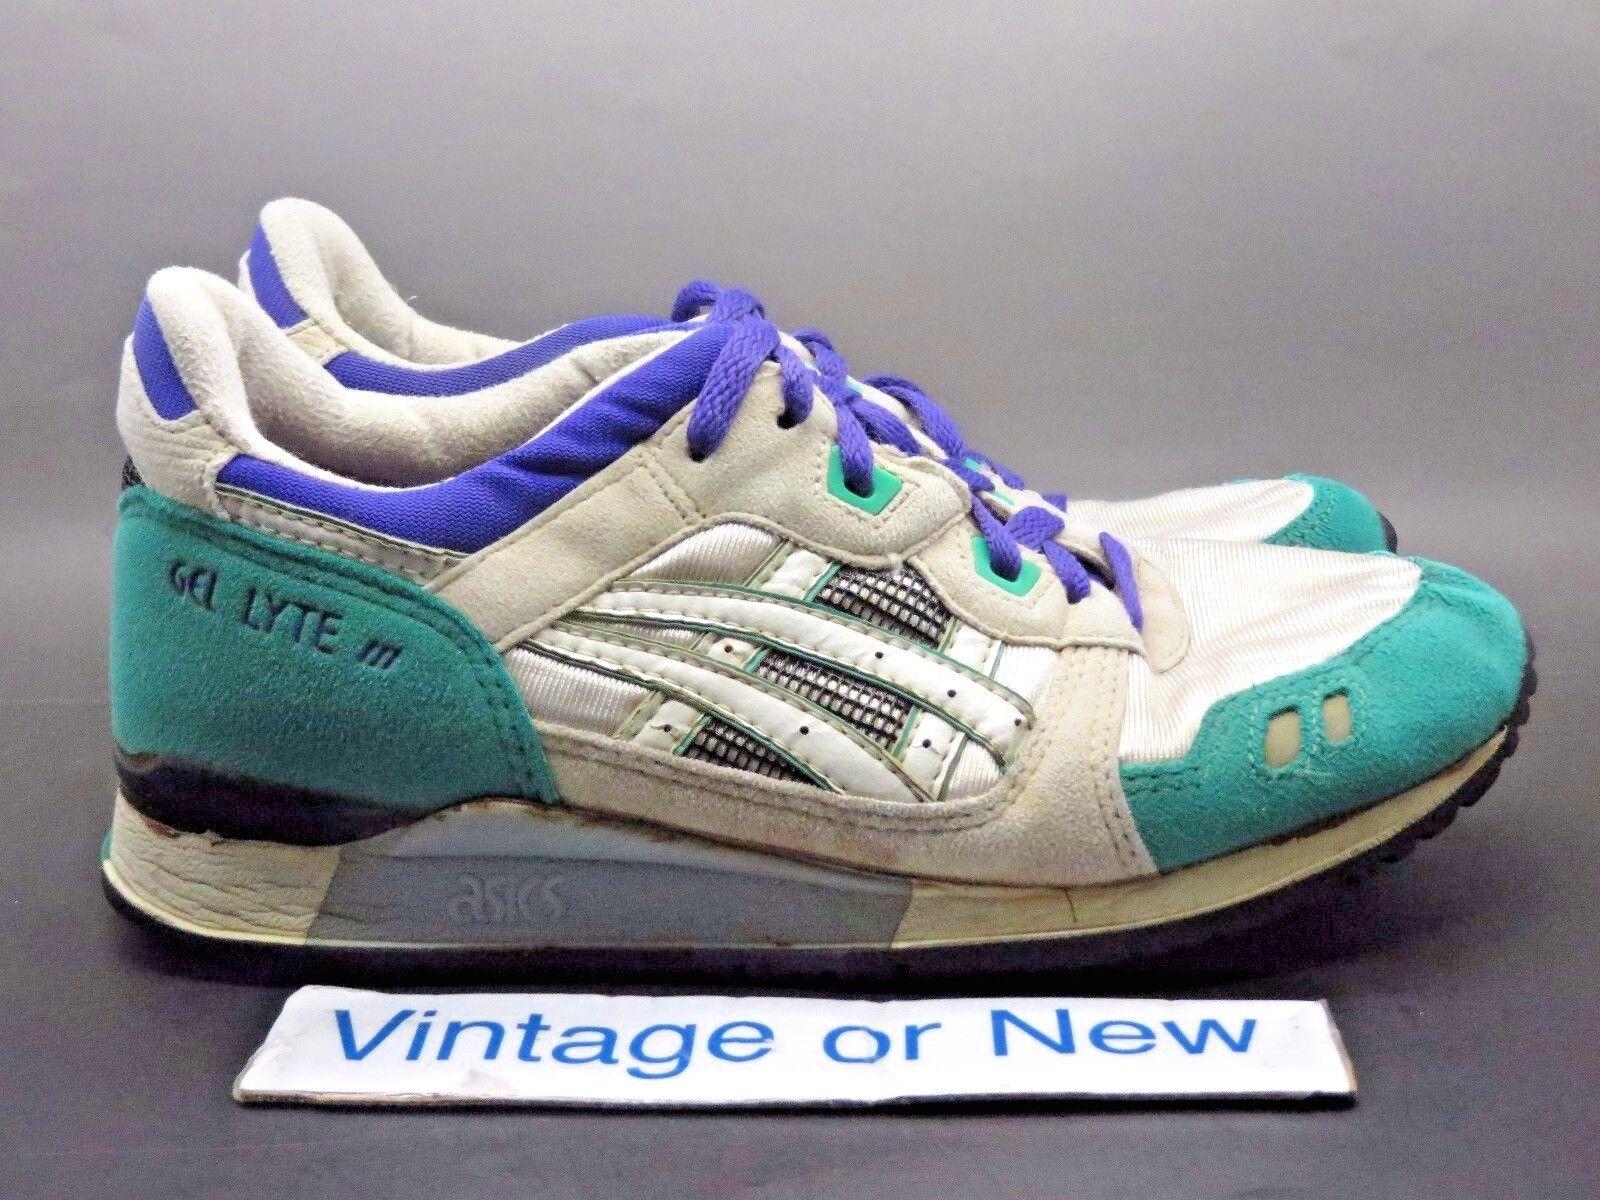 Women's VTG OG 1990 Asics Gel Lyte III 3 White Teal Purple TN68 Running sz 8